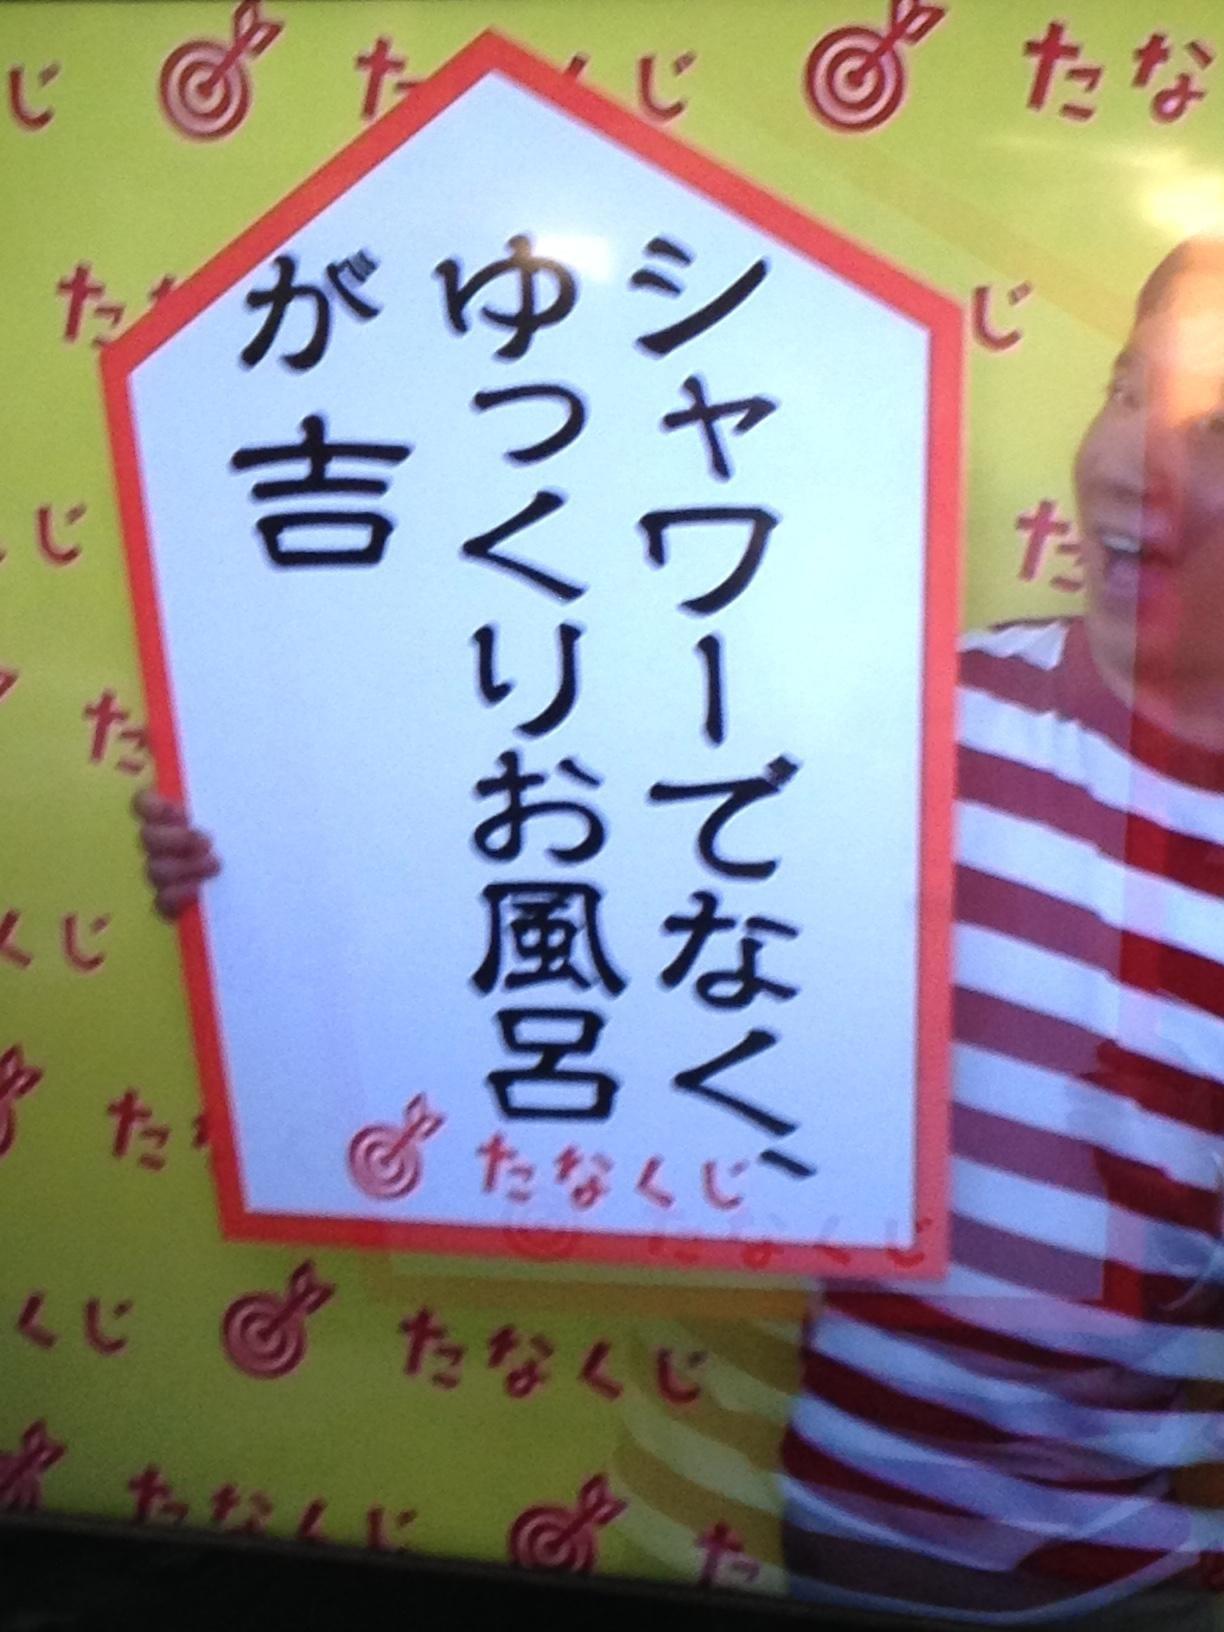 あけみ「月曜日恒例」09/24(月) 09:29   あけみの写メ・風俗動画